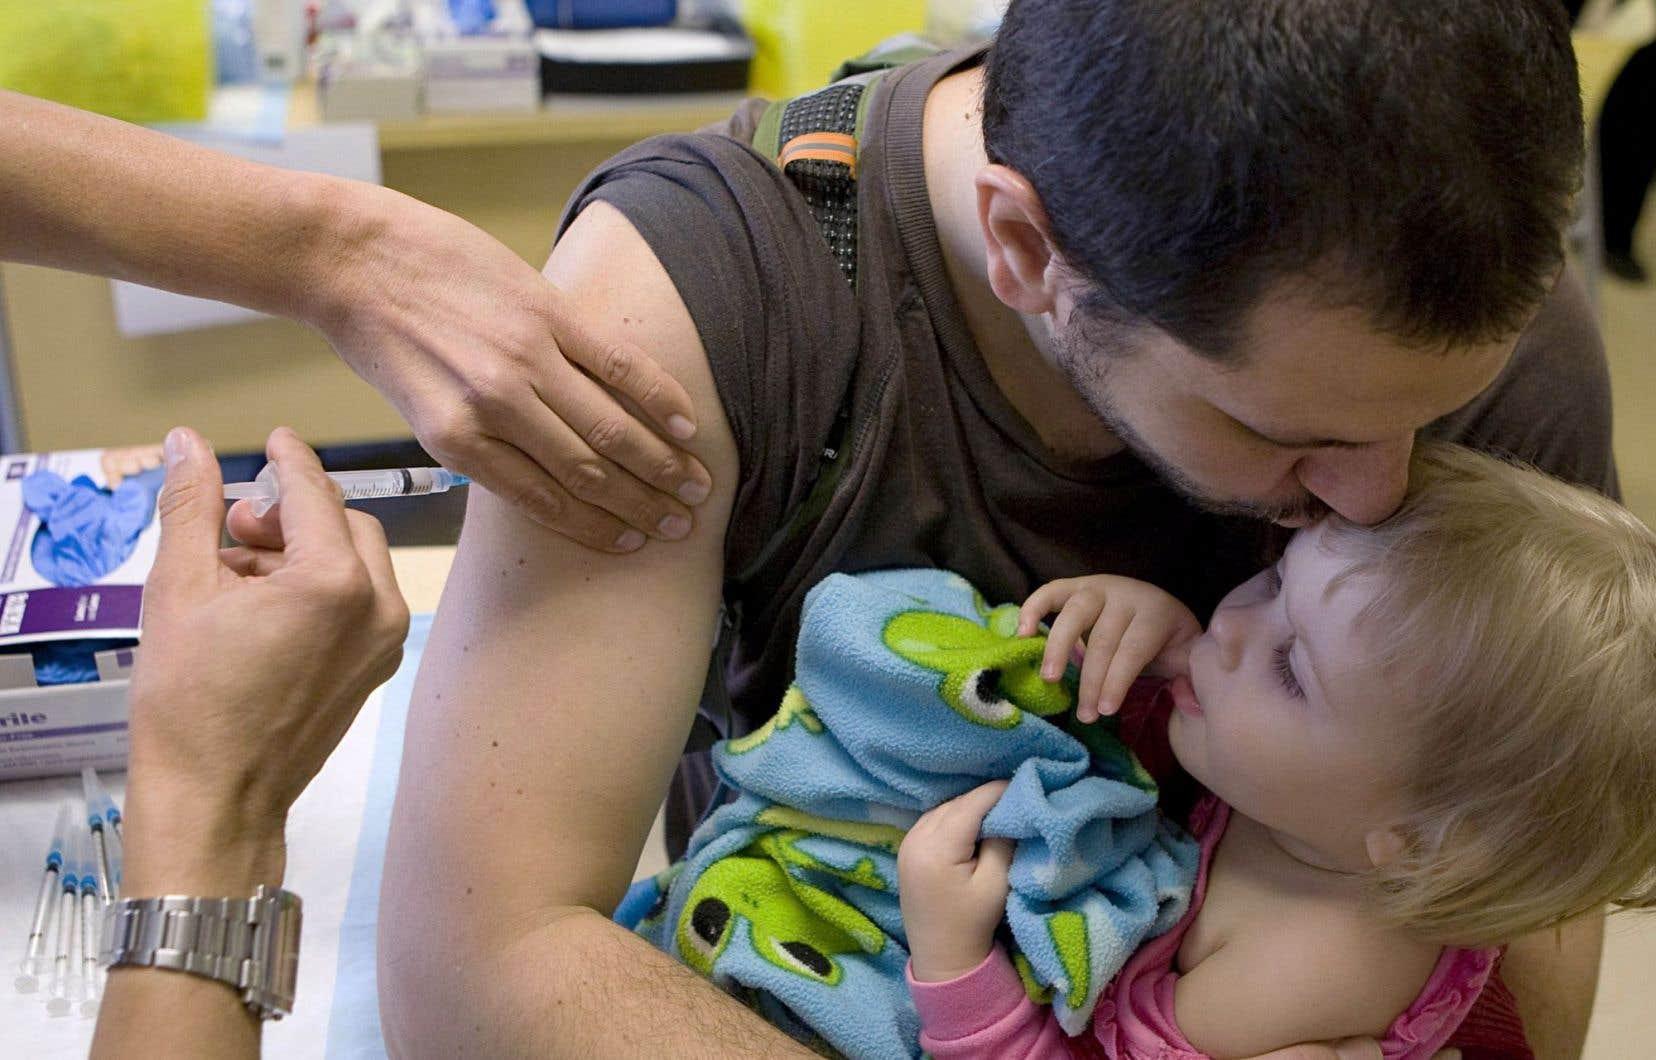 Si des cliniques privées abandonnent la vaccination, le système public risque de s'engorger rapidement.